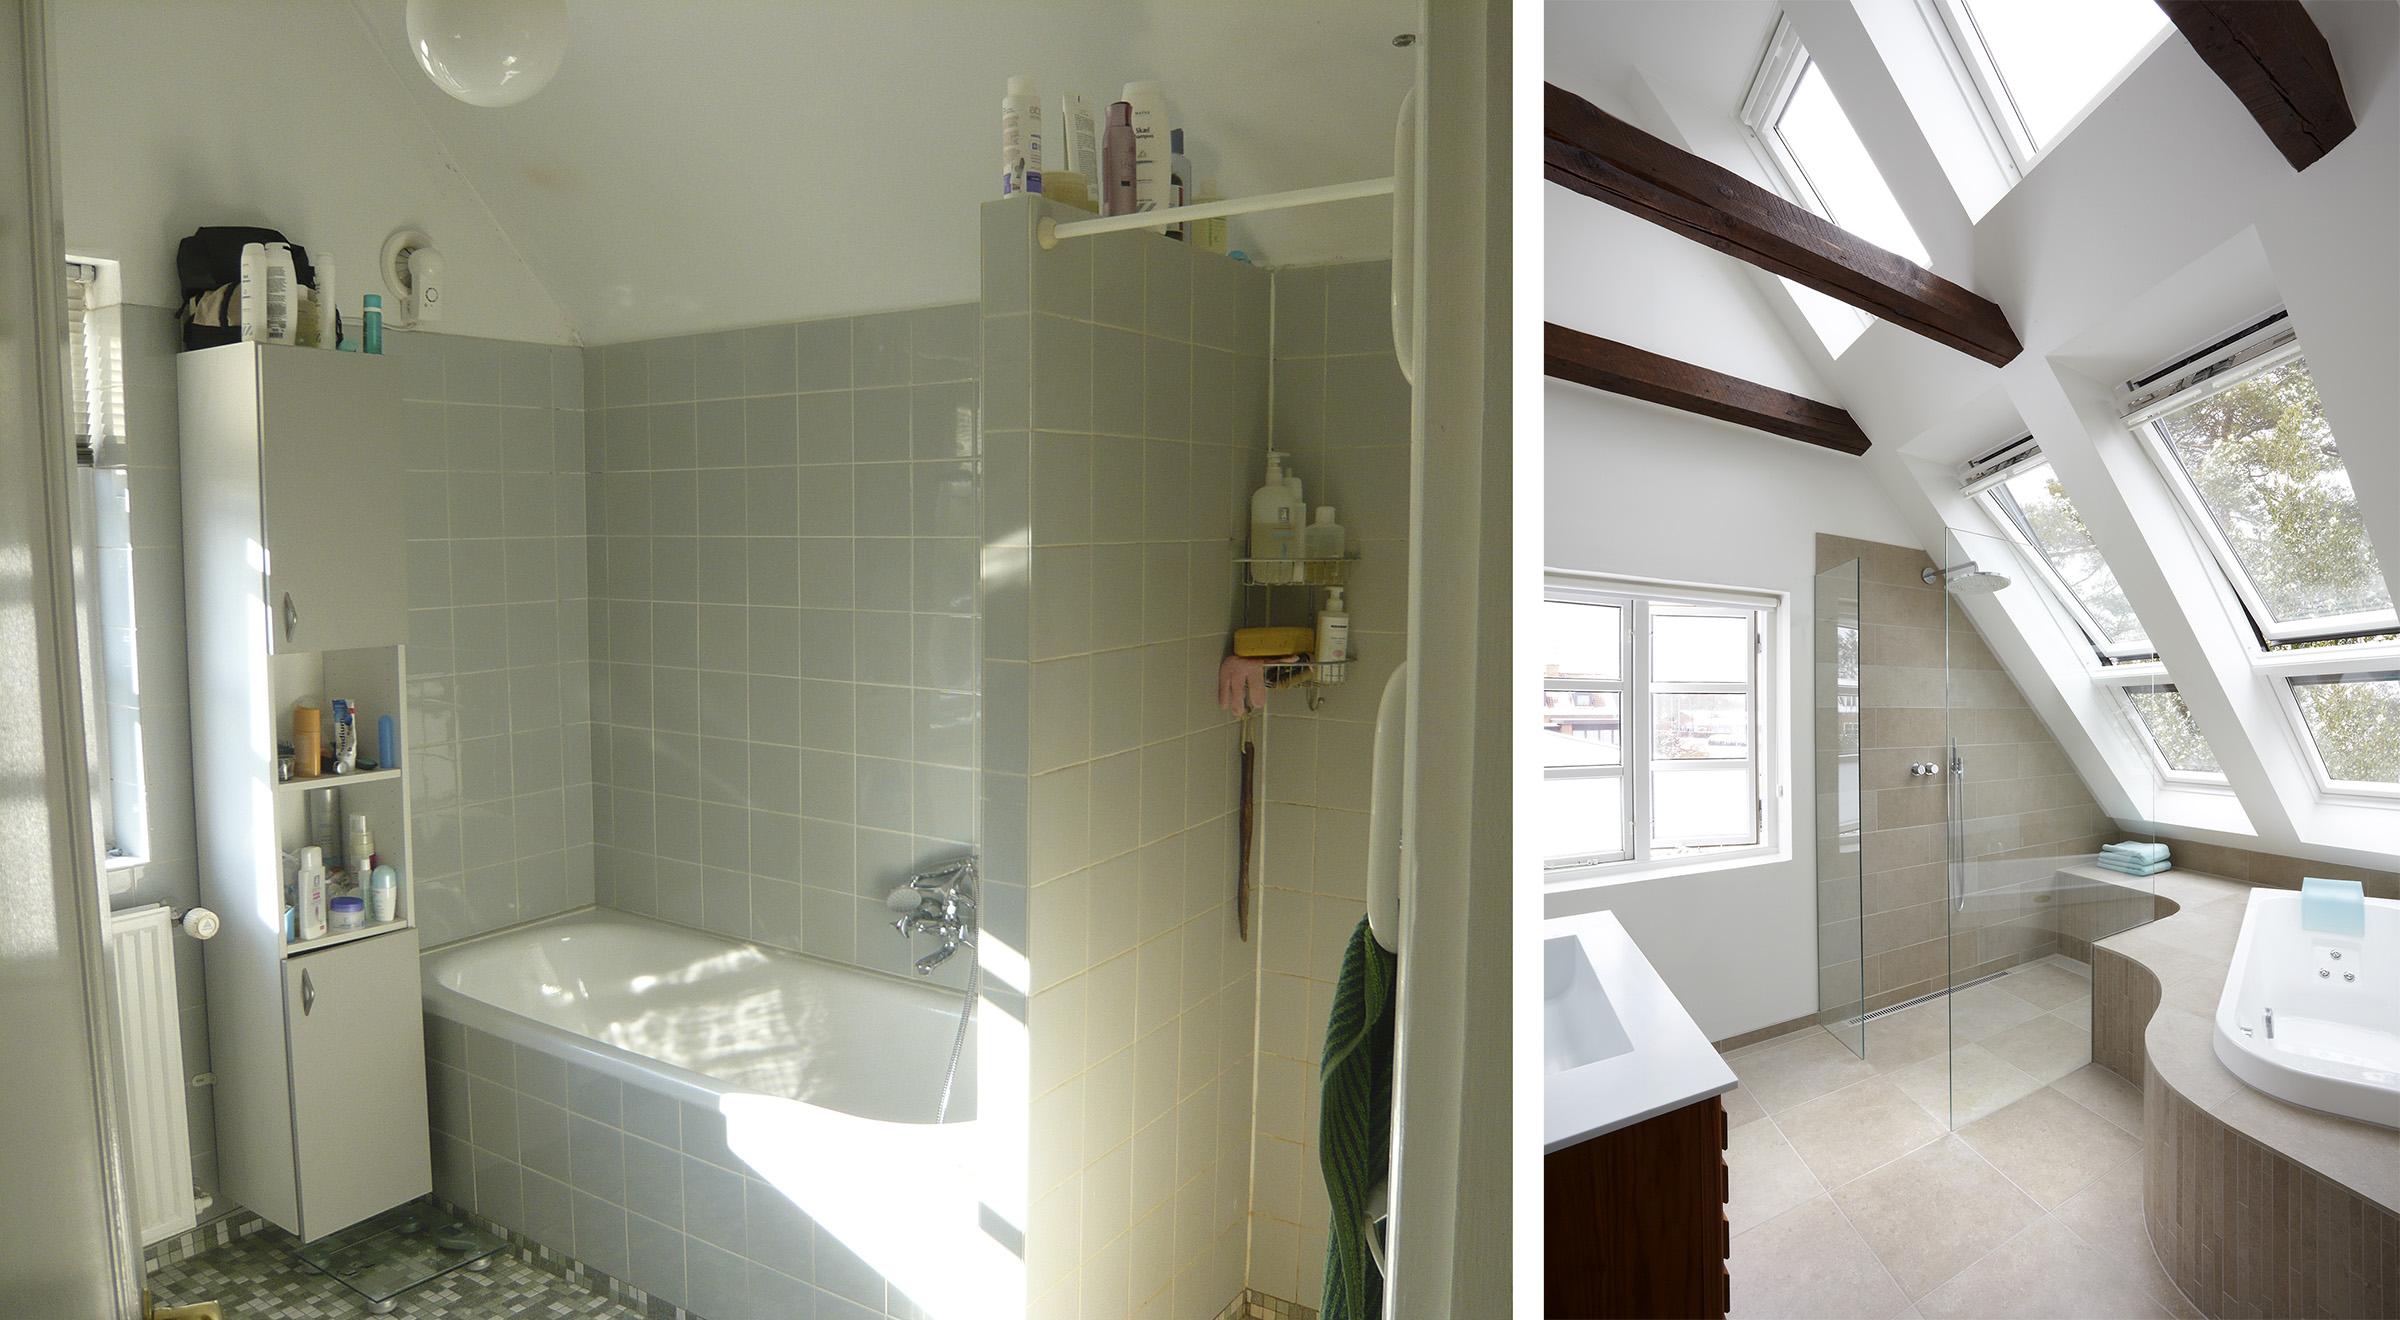 Bad med svungne linjer   danske boligarkitekter